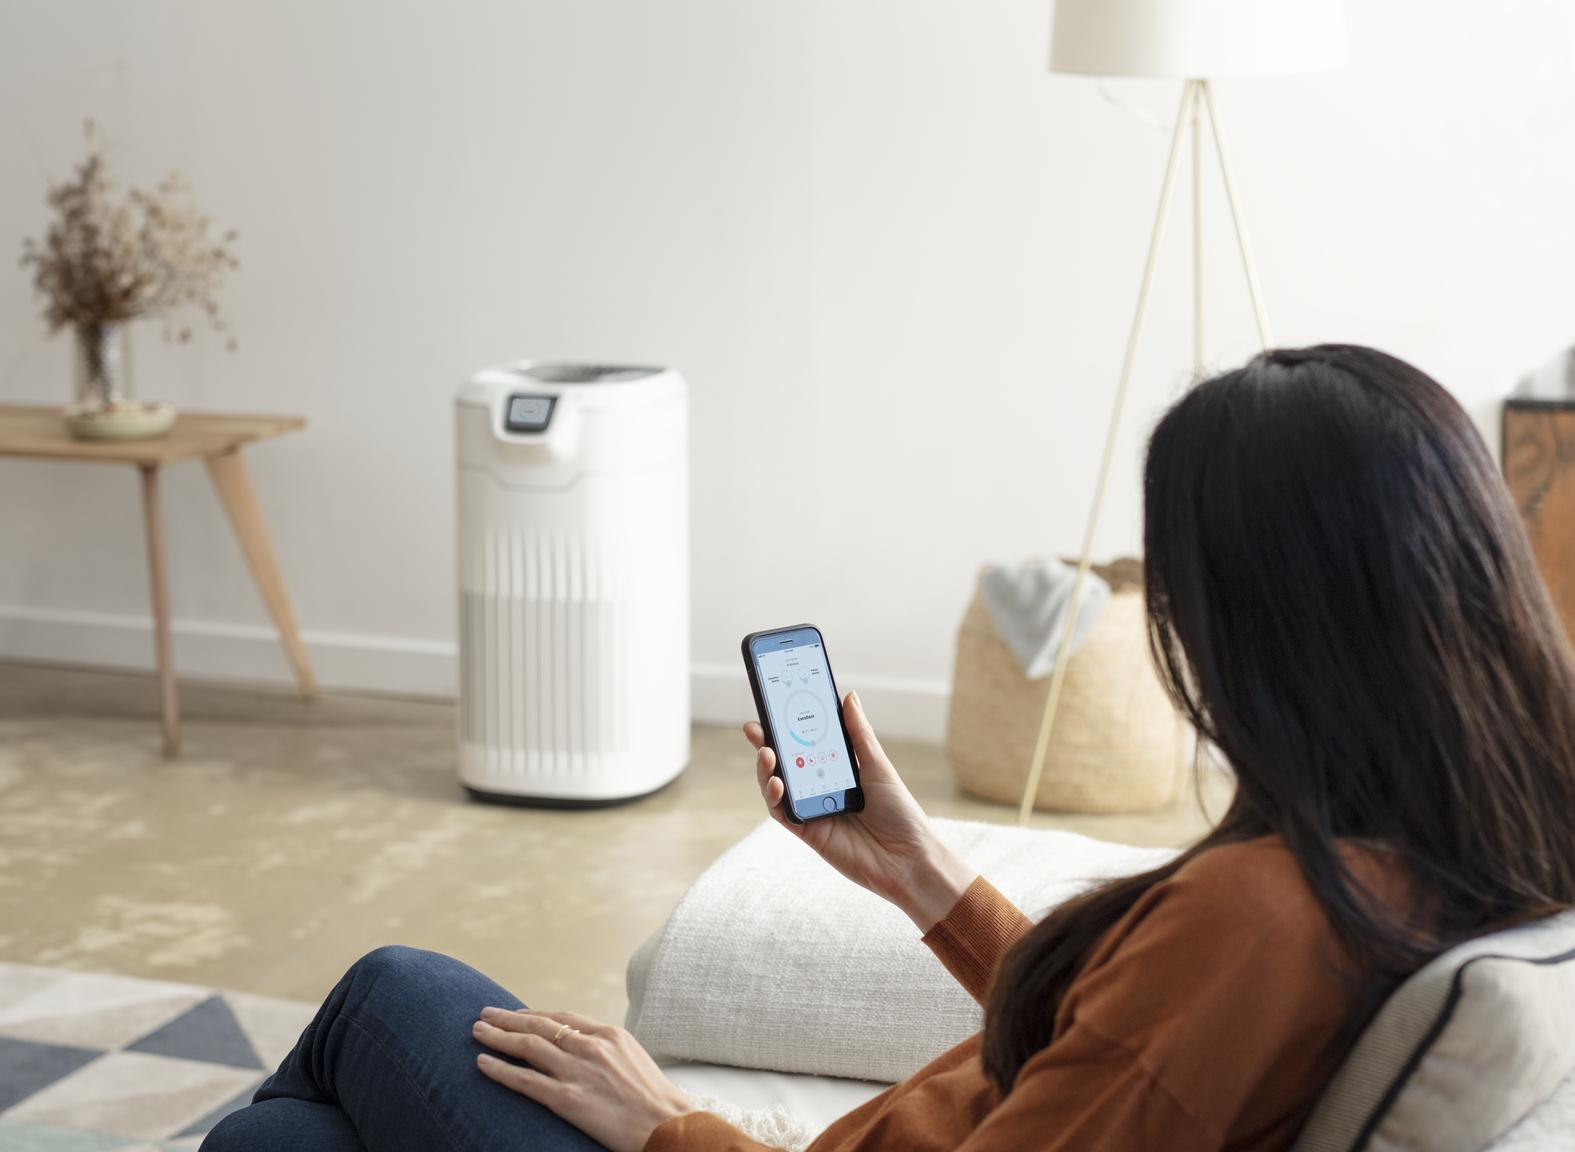 NEU von Rowenta: Pure Home Luftreiniger für Staub- und allergenfreie Luft in allen Räumen